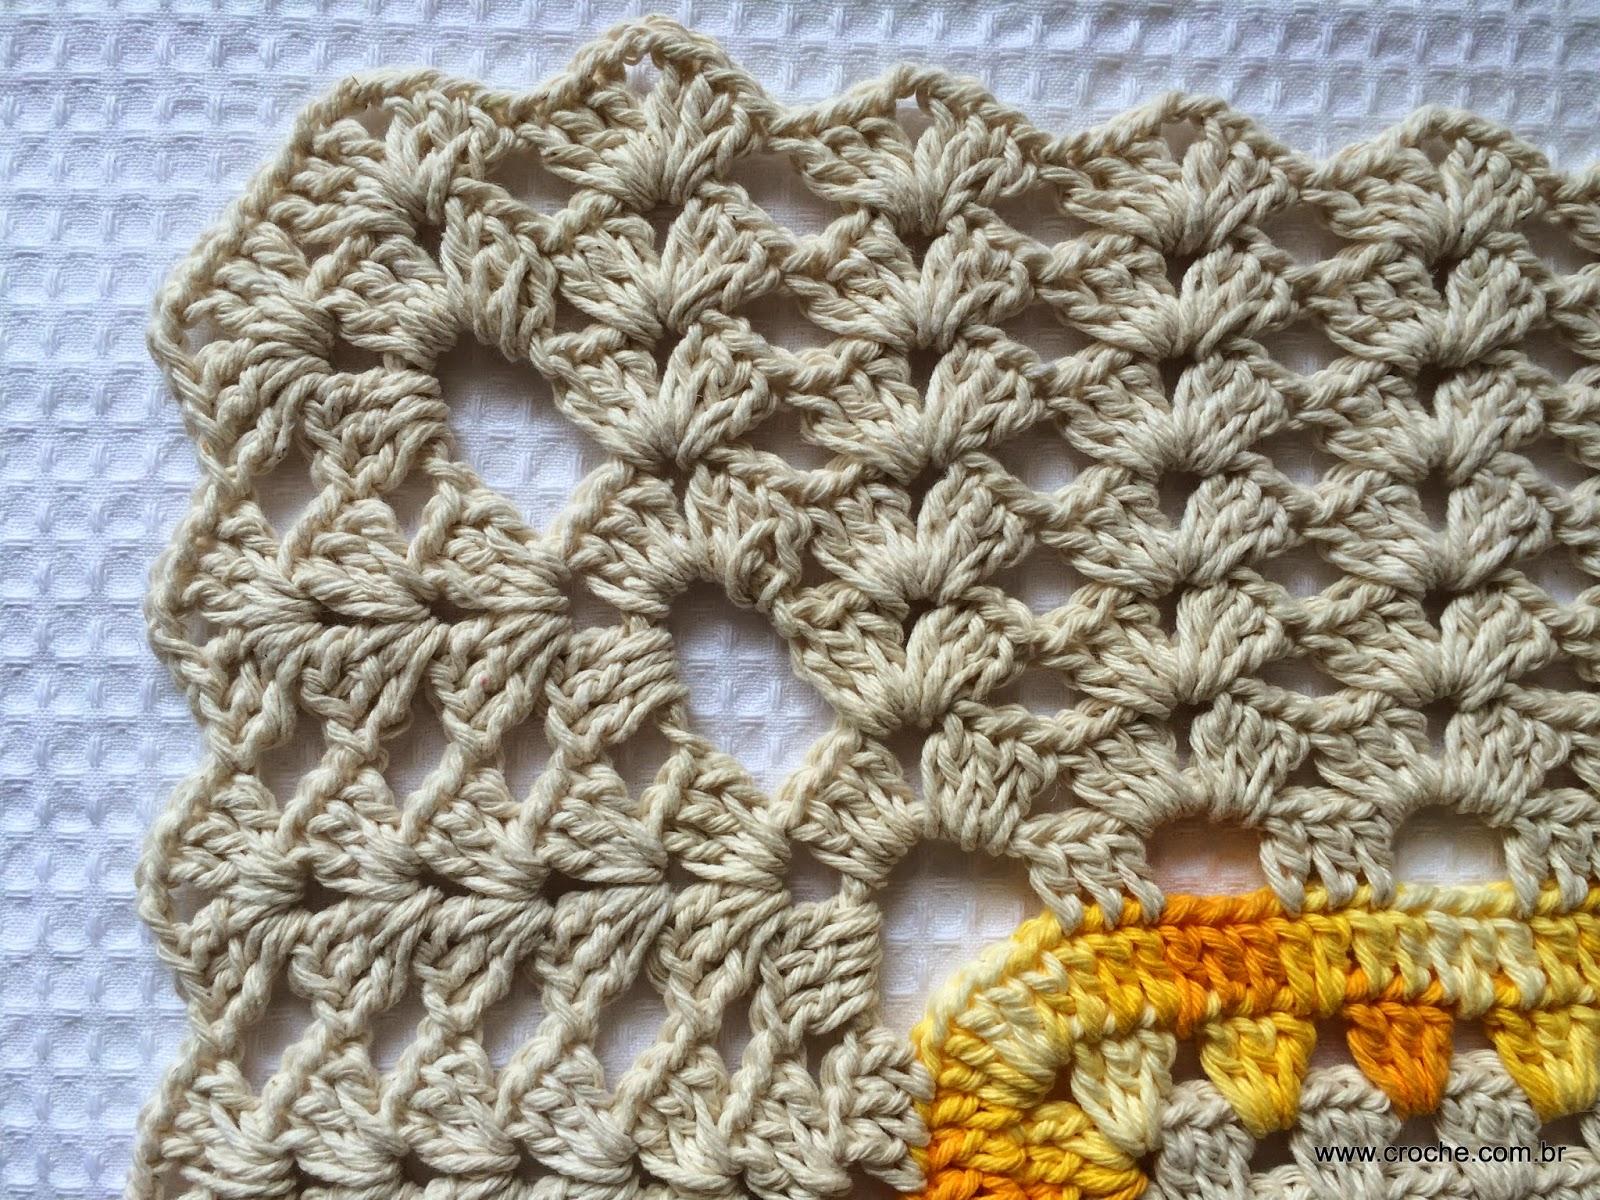 1000 images about tapetes de crochet on pinterest pink for Tapetes de crochet